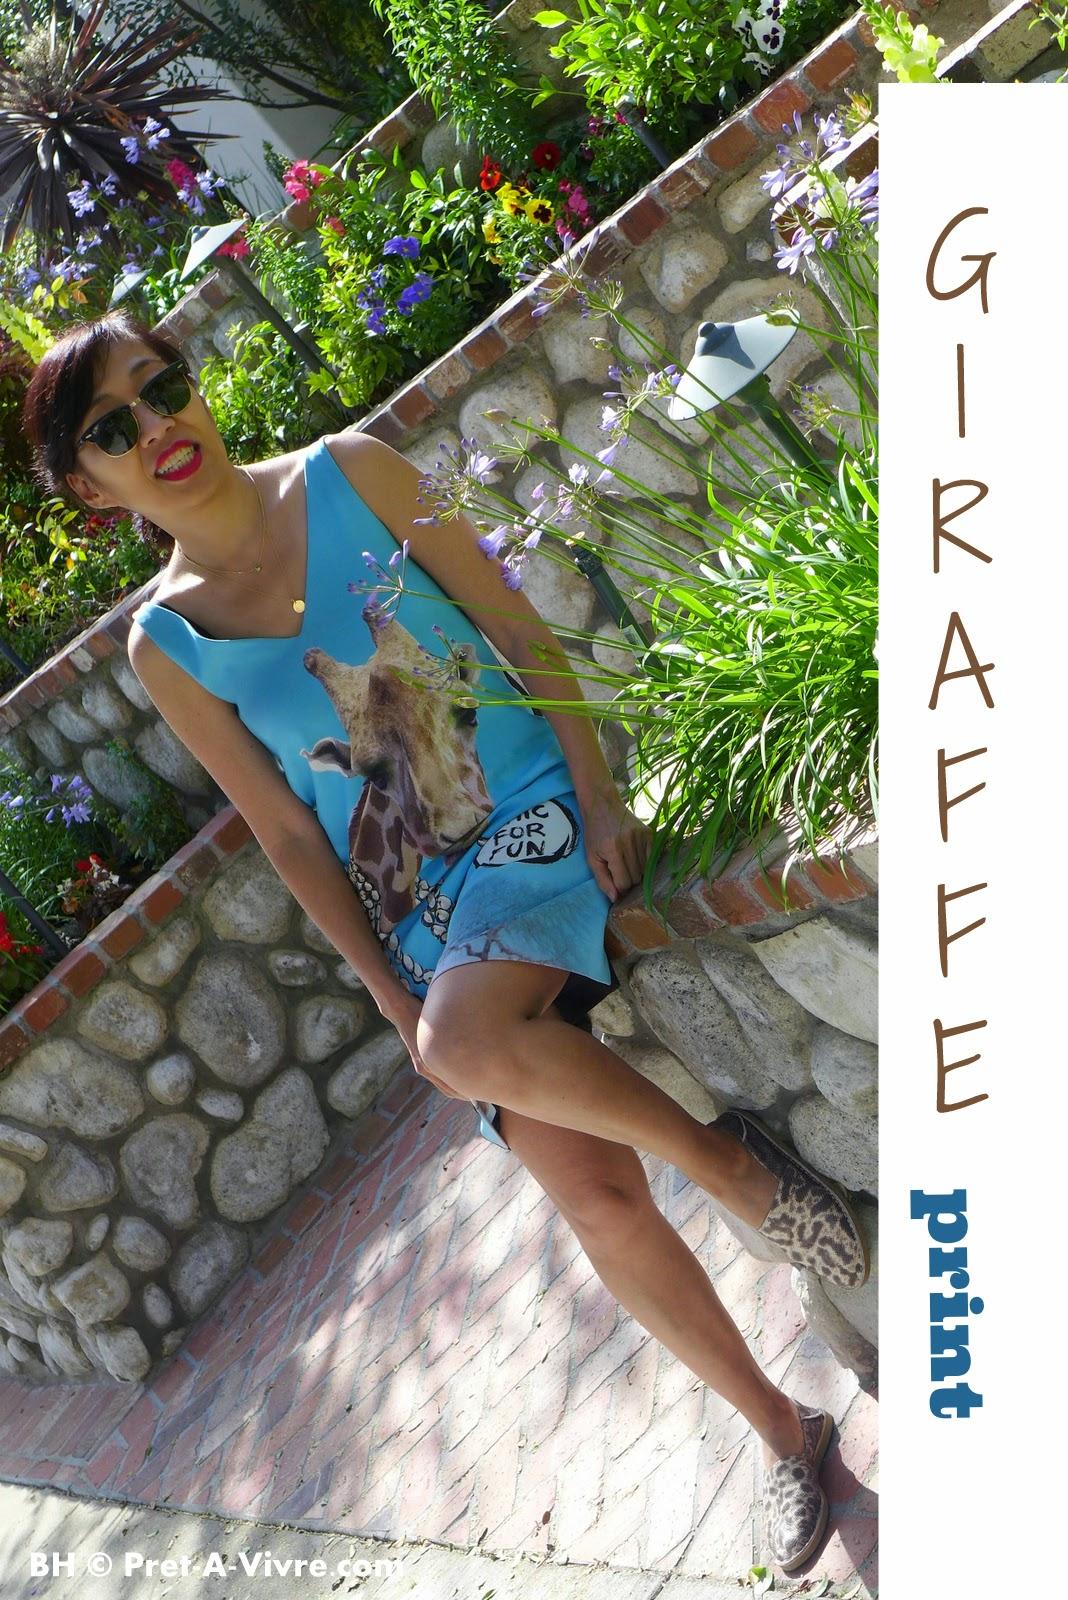 Moschino Giraffe Print Dress - Pret-A-Vivre.com